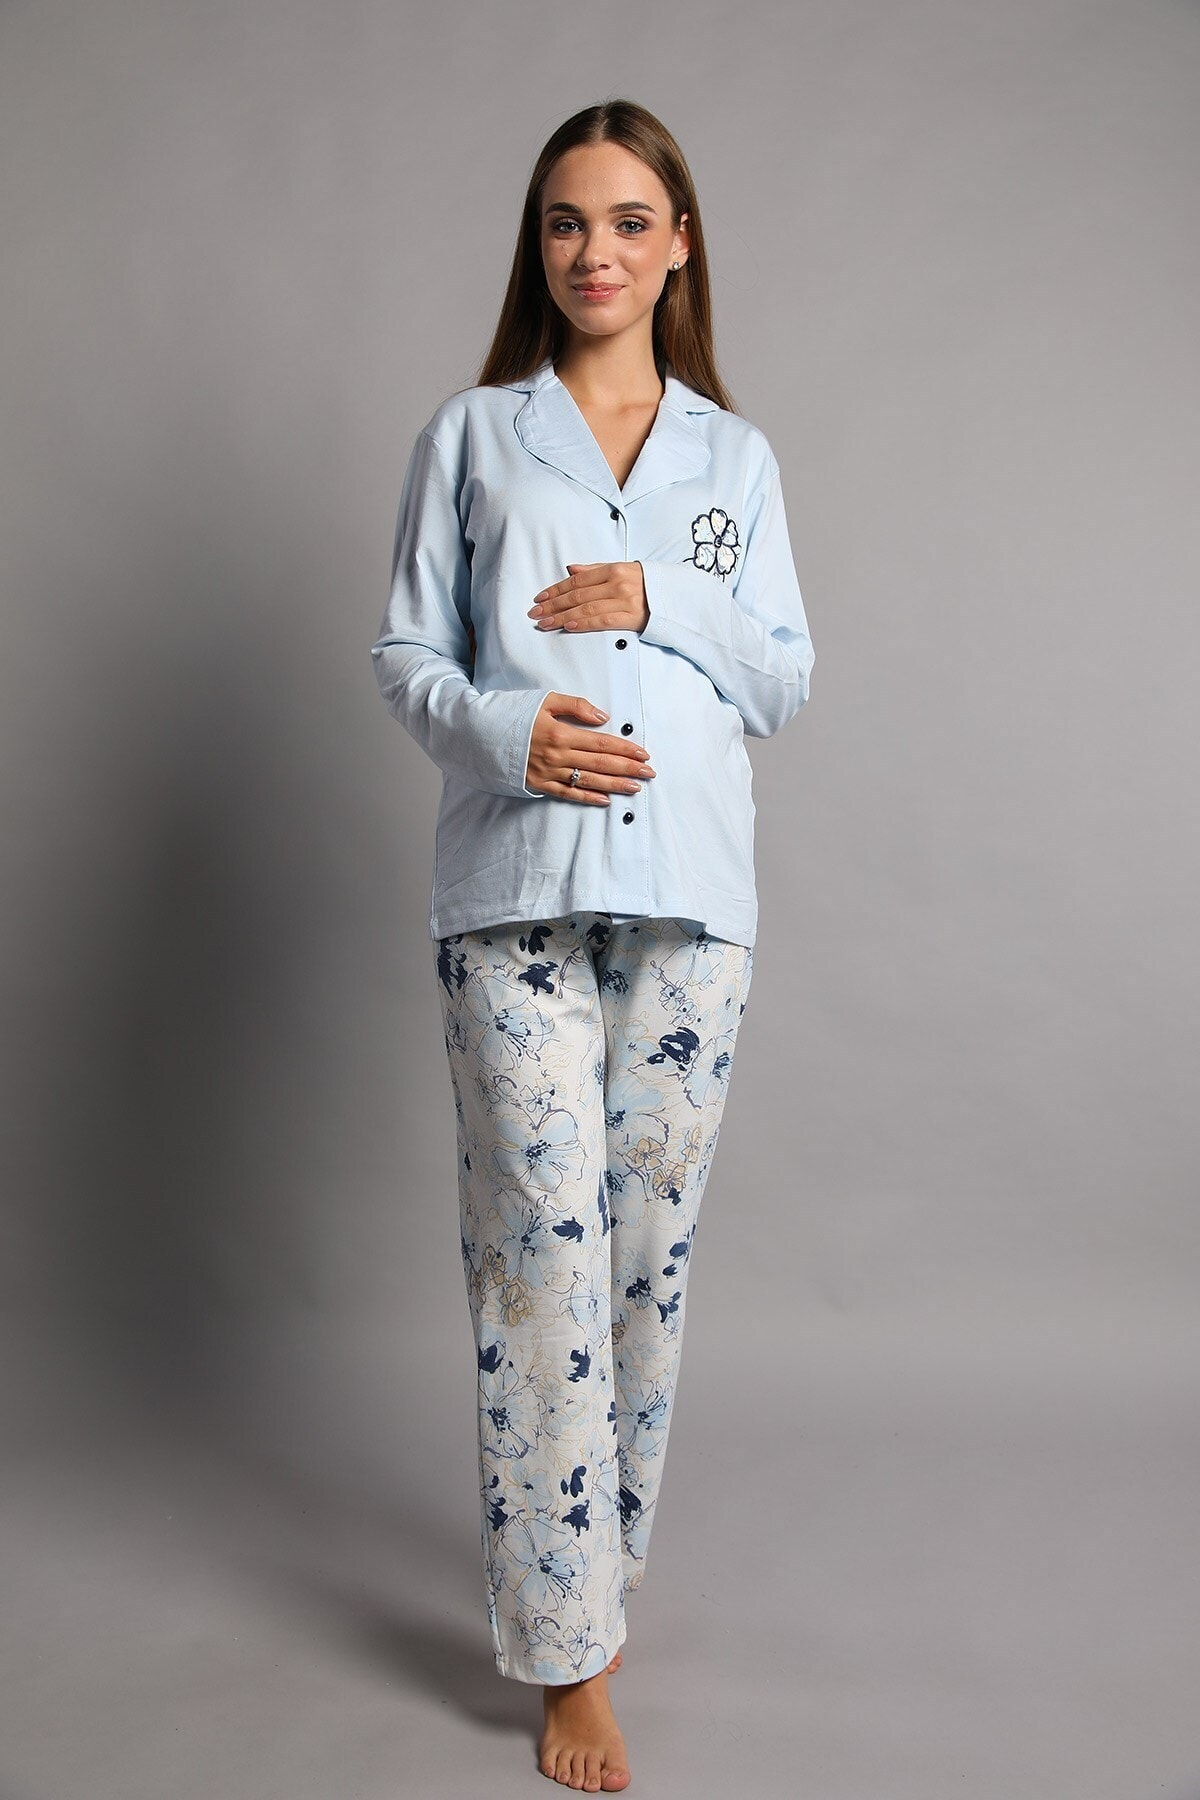 Lohusa Sepeti Kadın Roos Önden Düğmeli Lohusa Pijama Takımı Lacivert 2